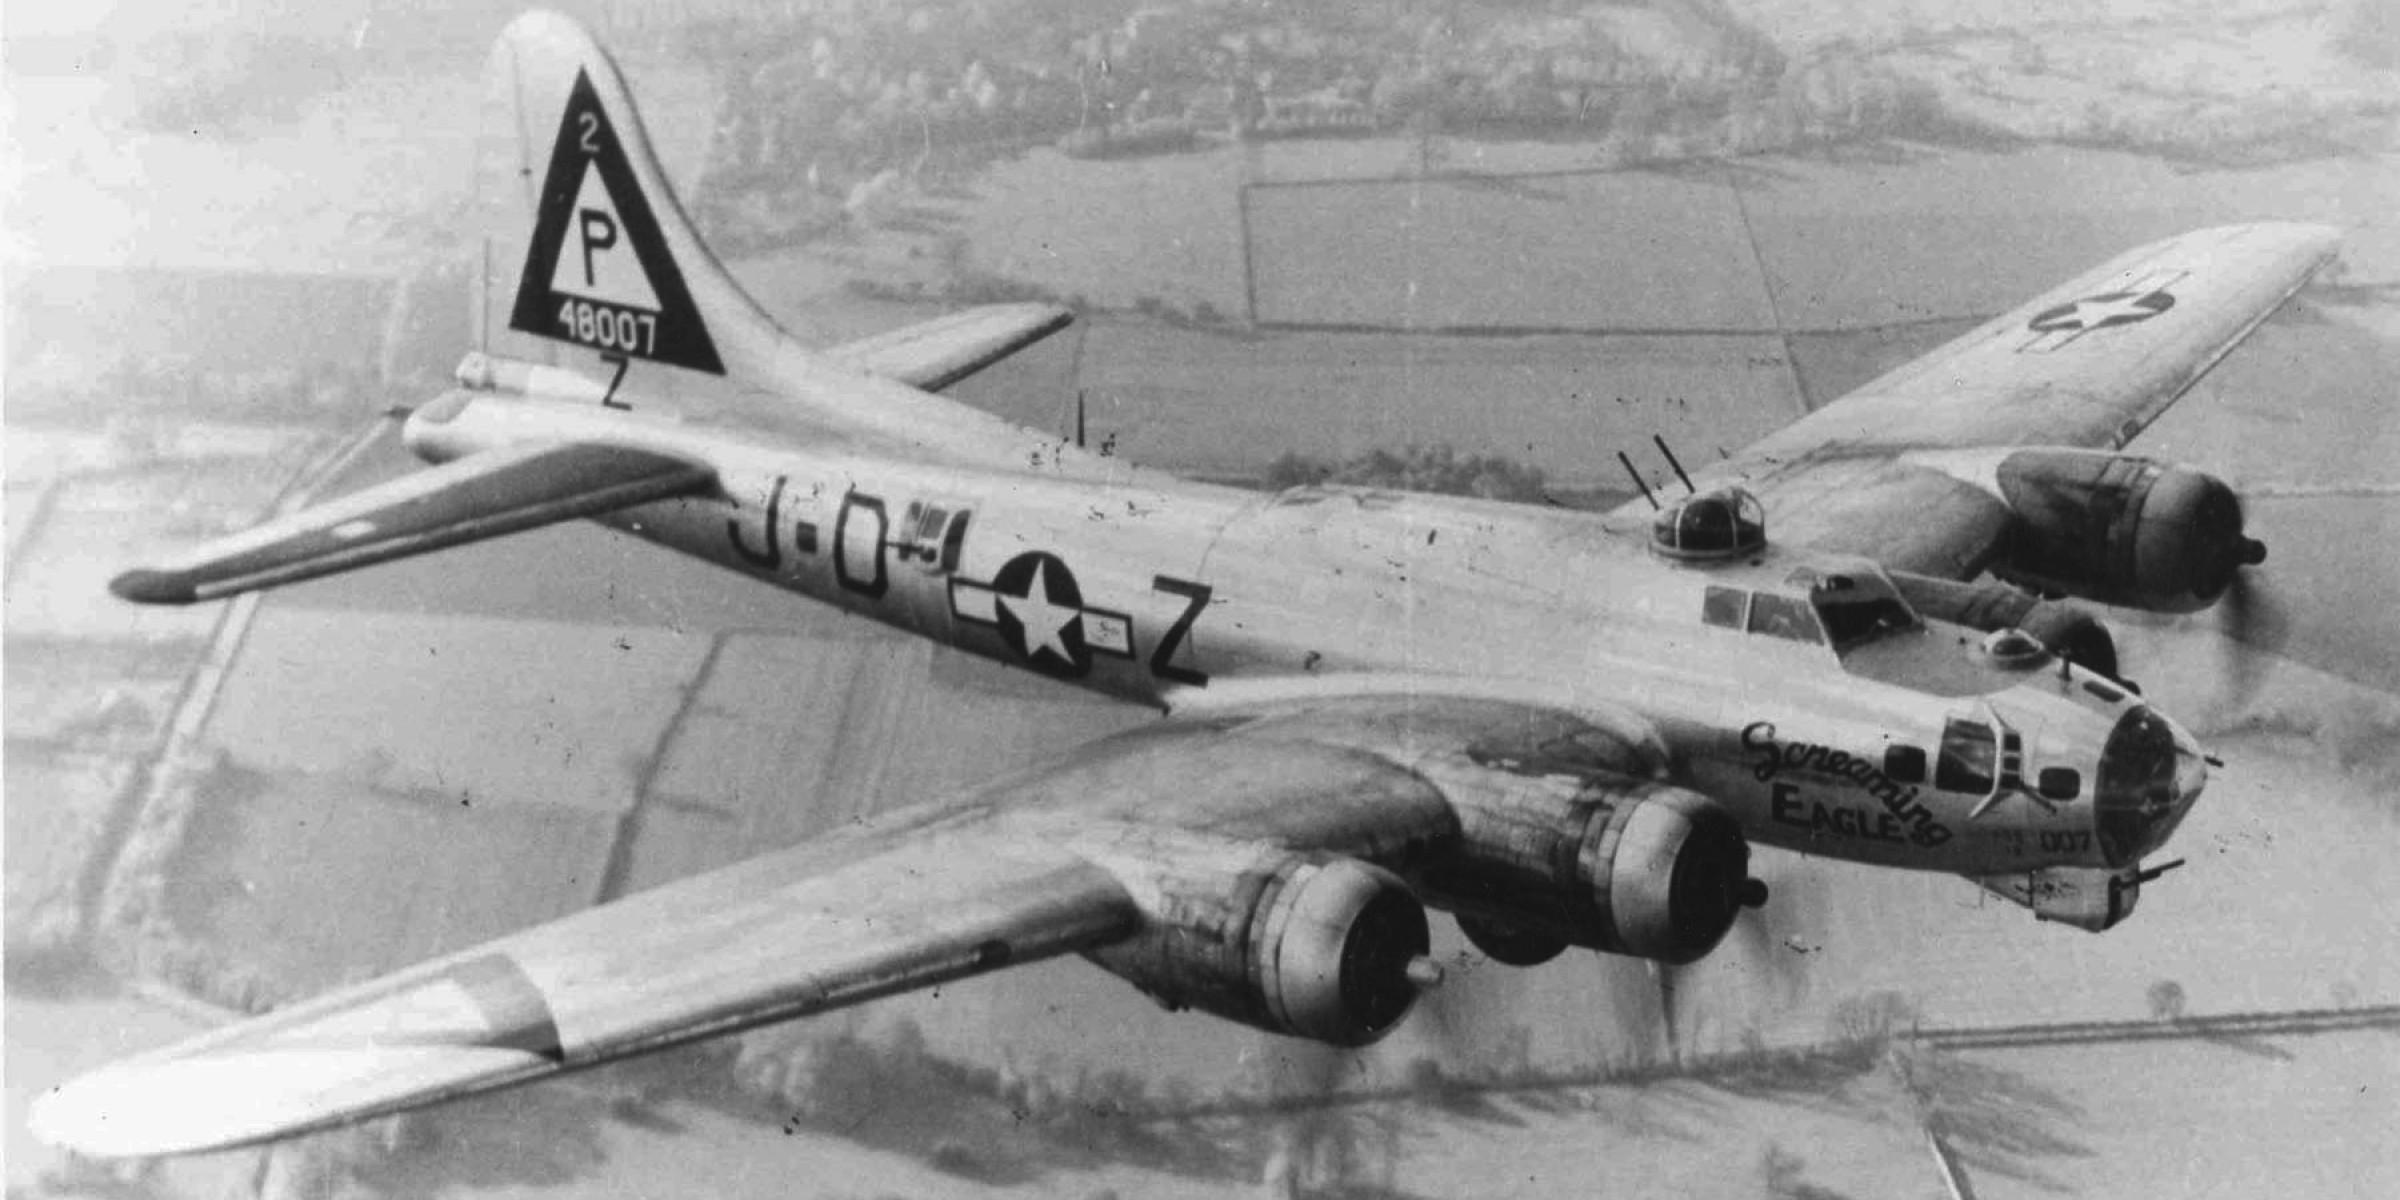 პირველი საბრძოლო გაფრენა ამერიკული  B-17 ტიპის ბომდამშენი თვითფრინავების გერმანიის დასაბომბად (დოკუმენტური ვიდეო)